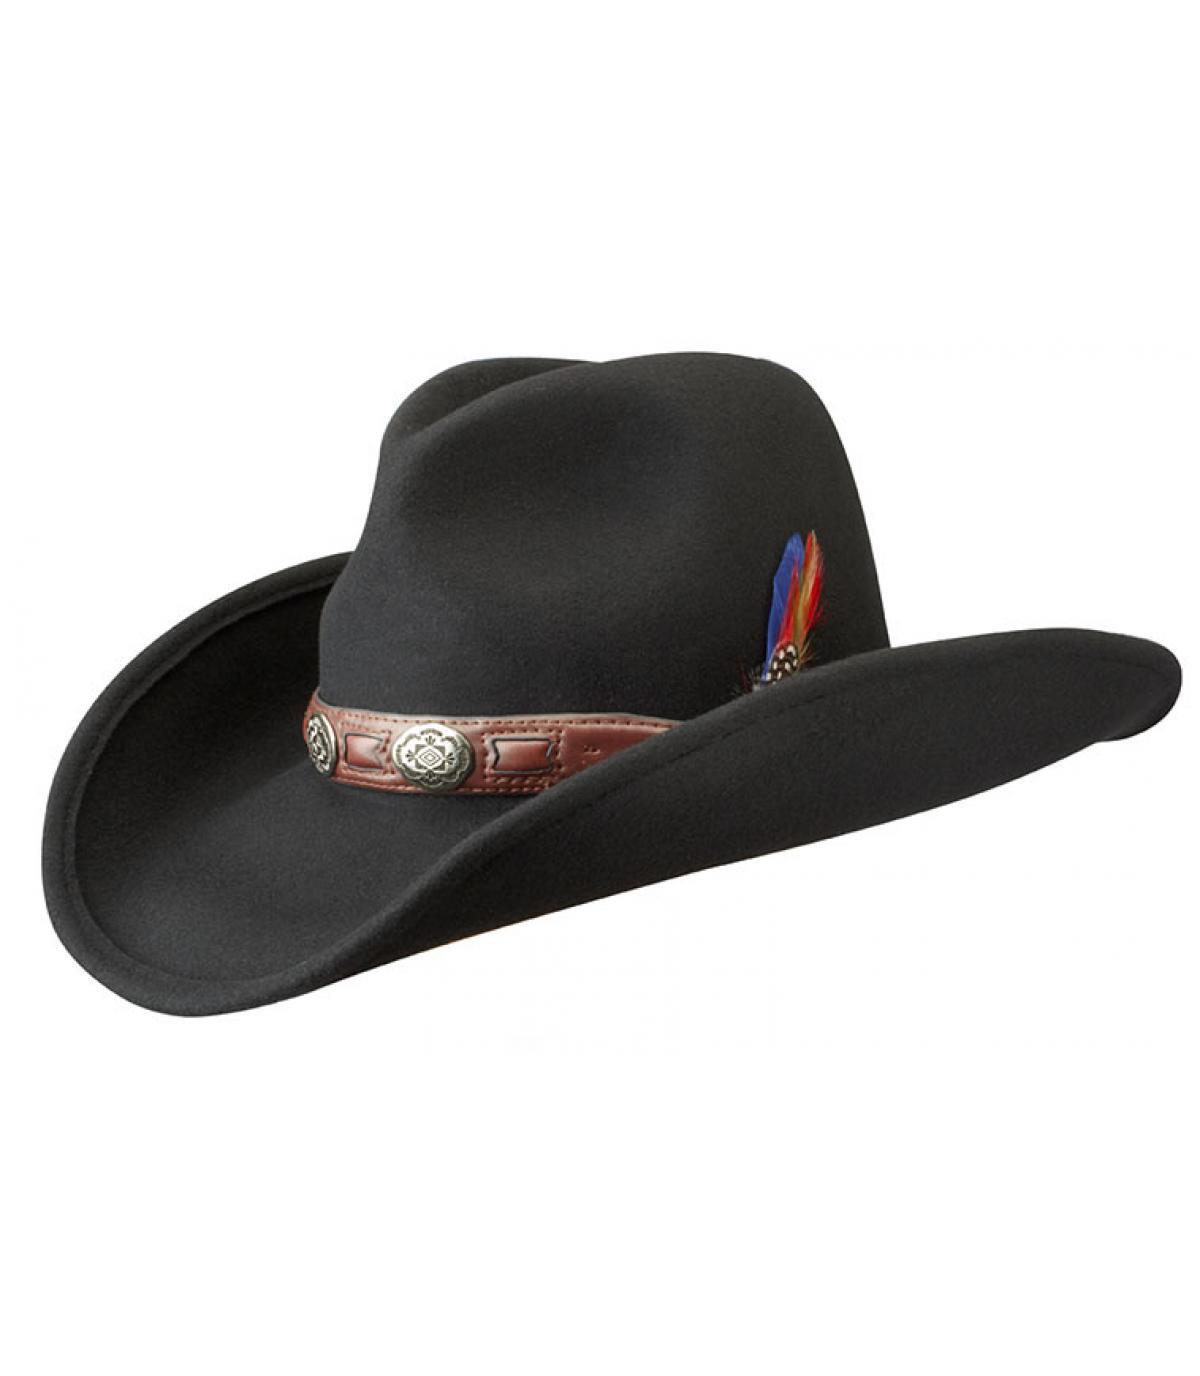 chapeau cowboy stetson alabama roy black par stetson headict. Black Bedroom Furniture Sets. Home Design Ideas